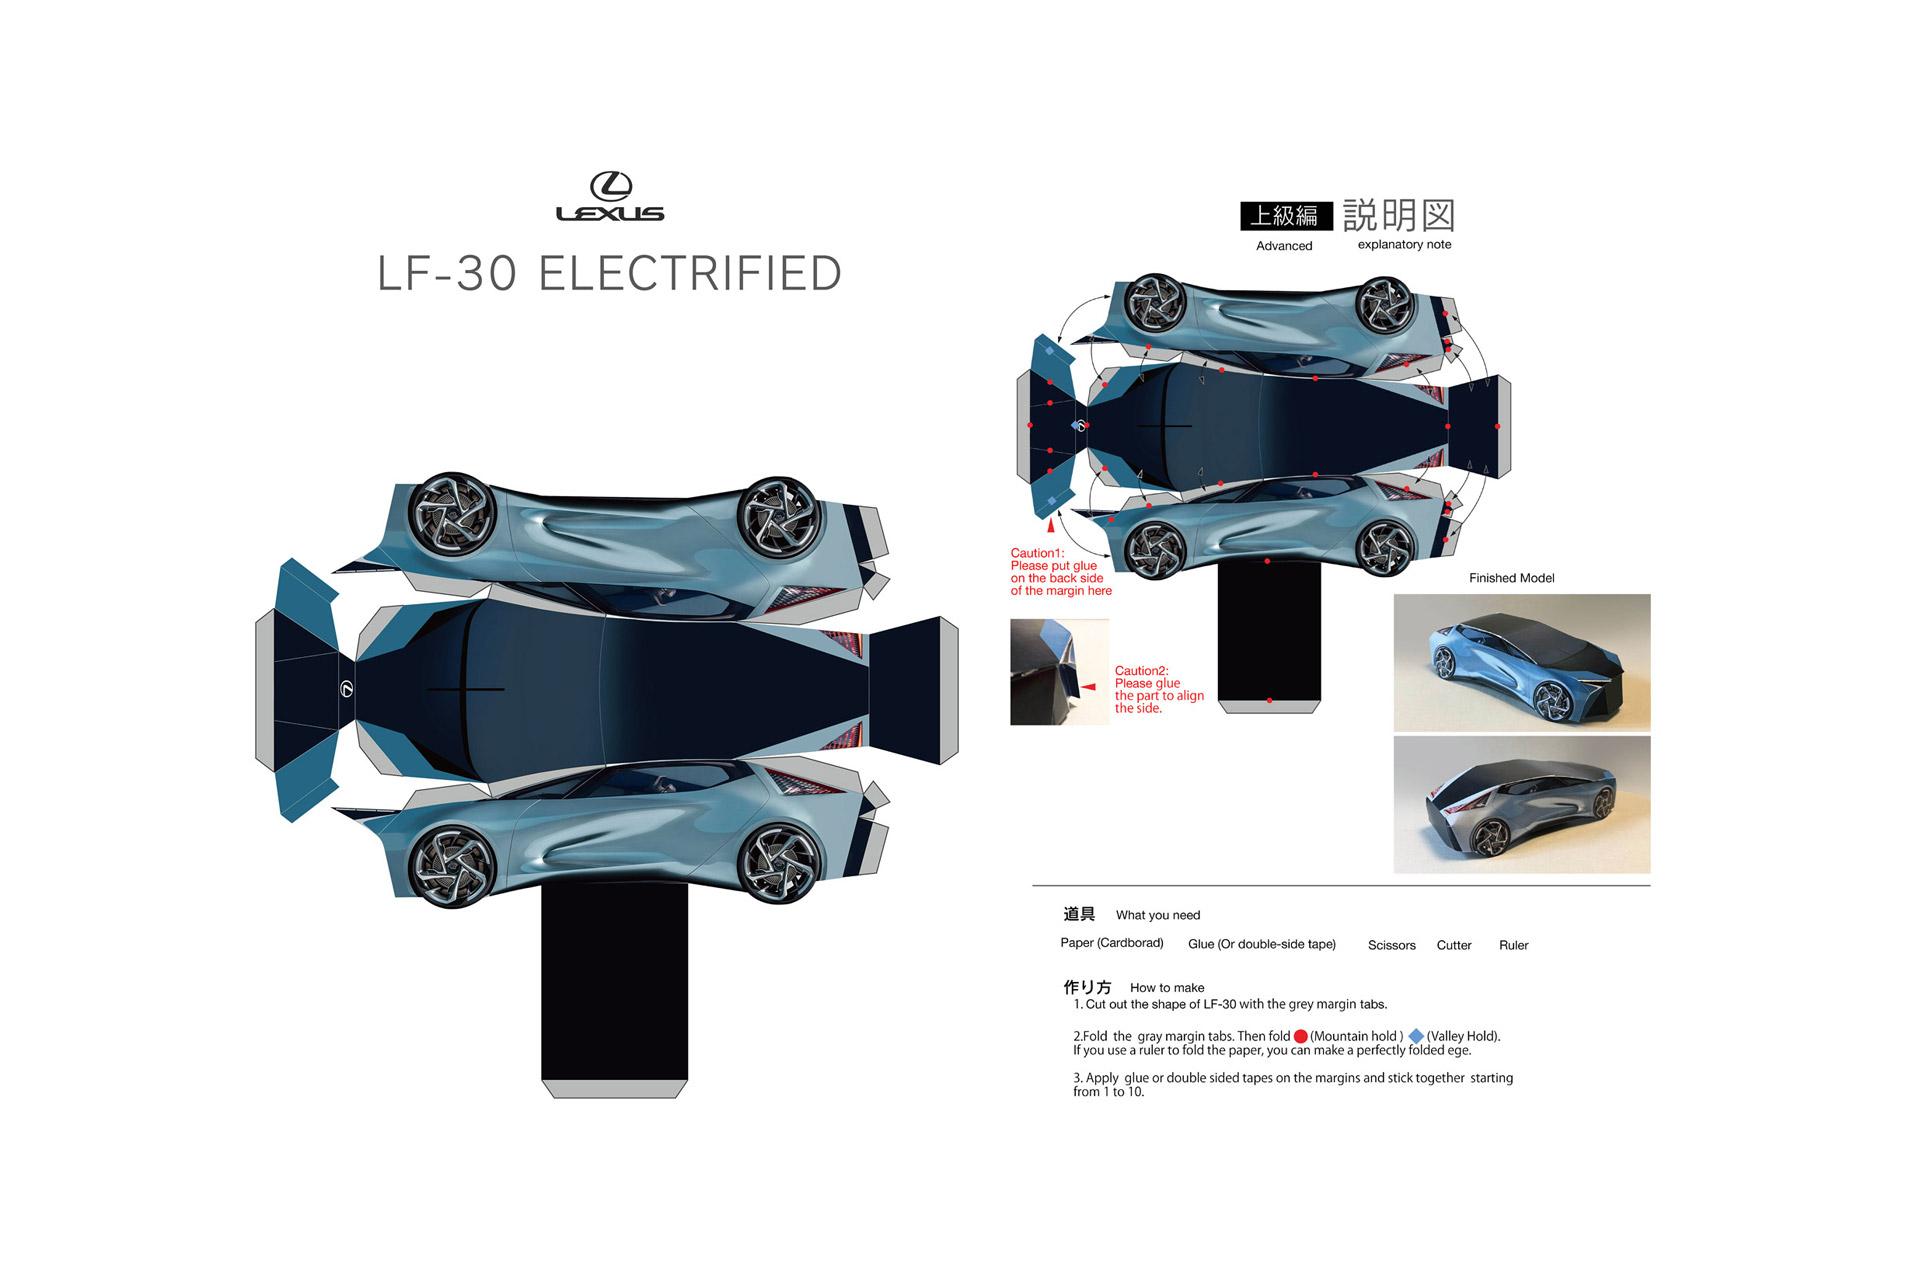 2020 018 Maak uw eigen Lexus gewoon thuis hero 2